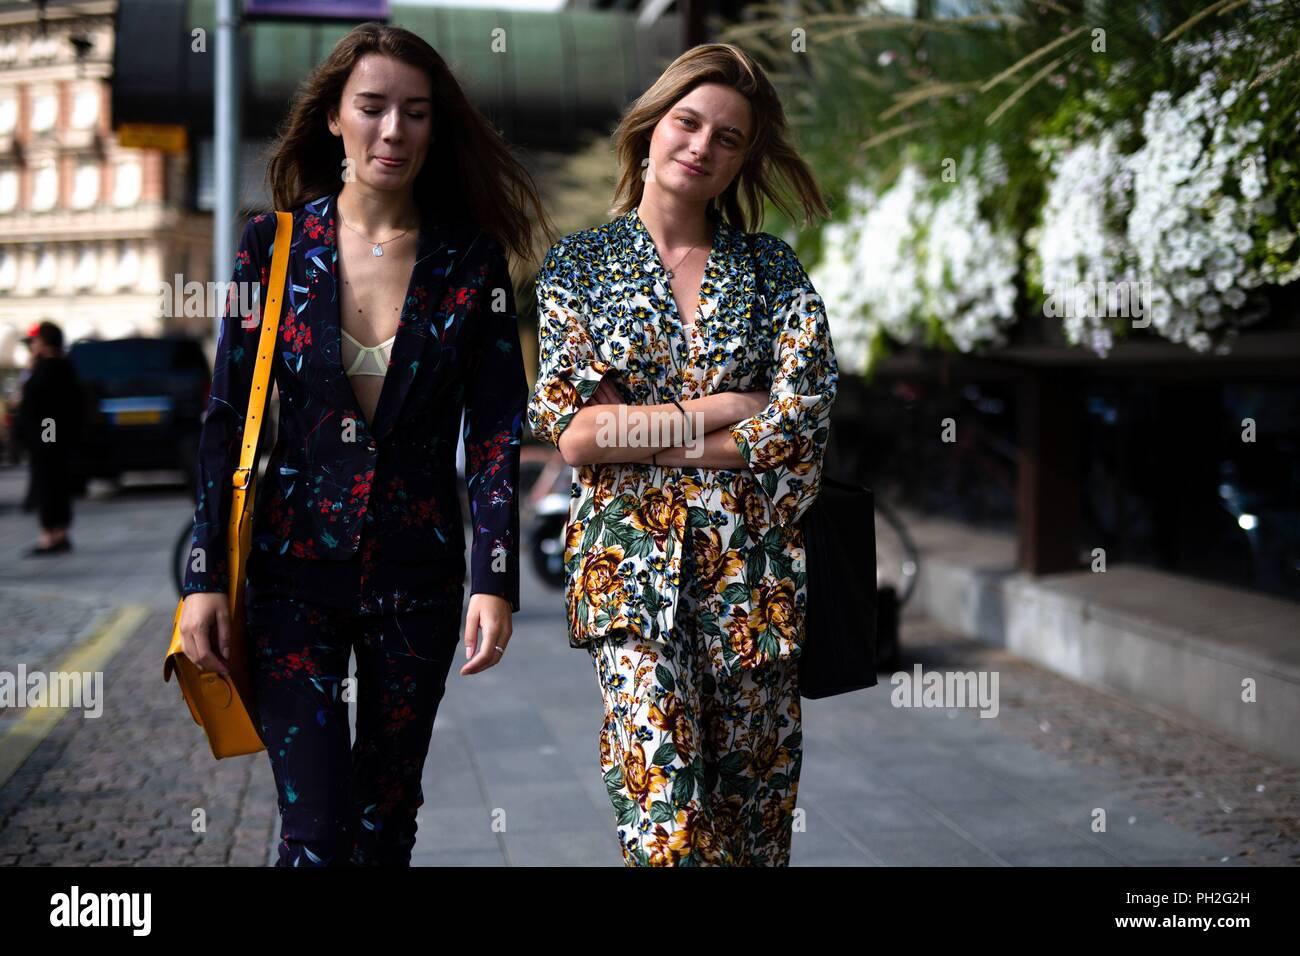 Chic showgoers caminando por la calle durante la Semana de la moda de  Estocolmo - Aug f8565e1de6